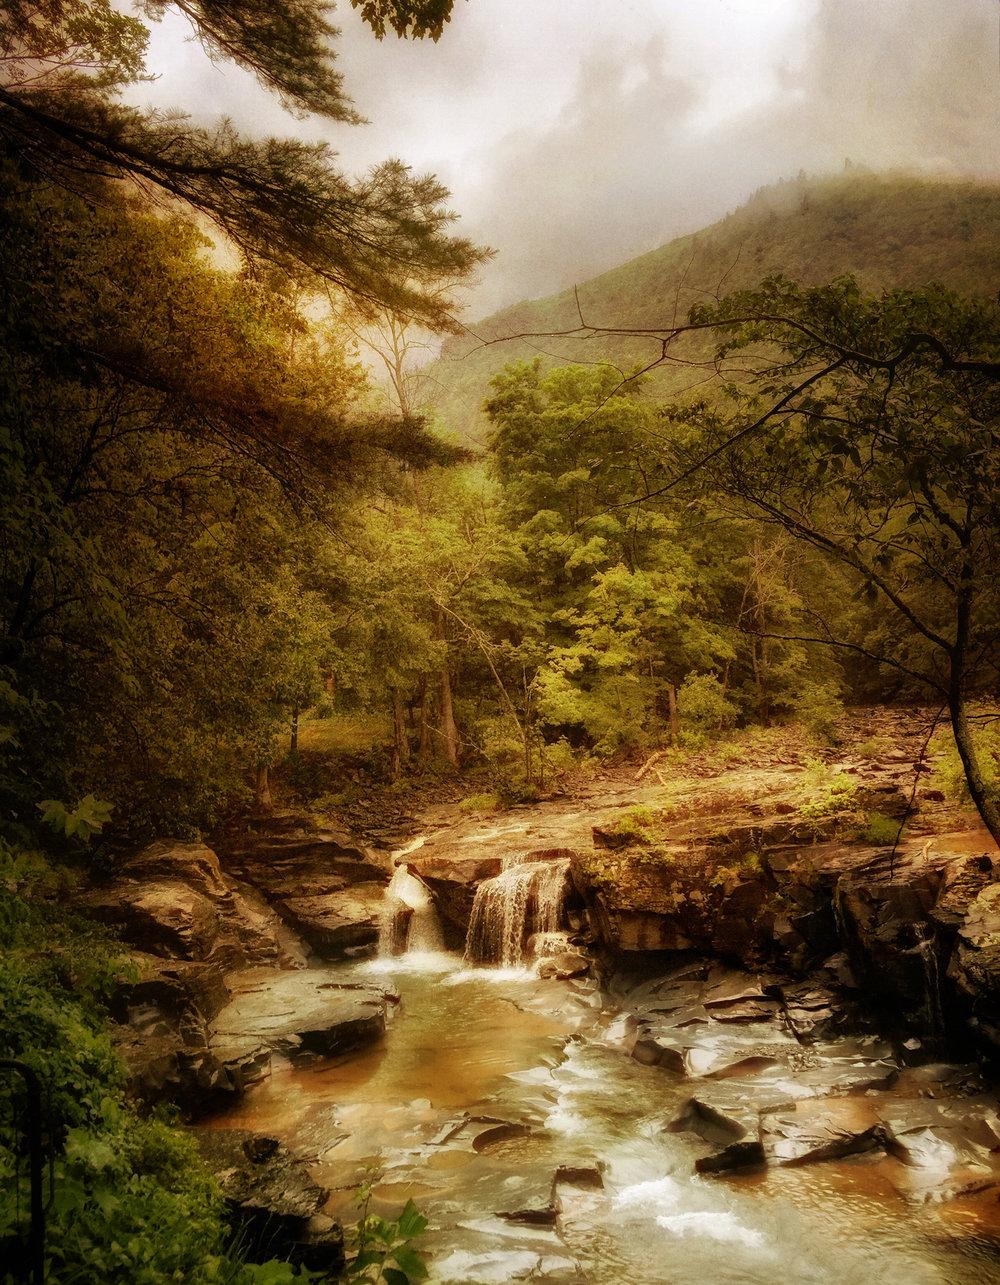 Katerskill Creek